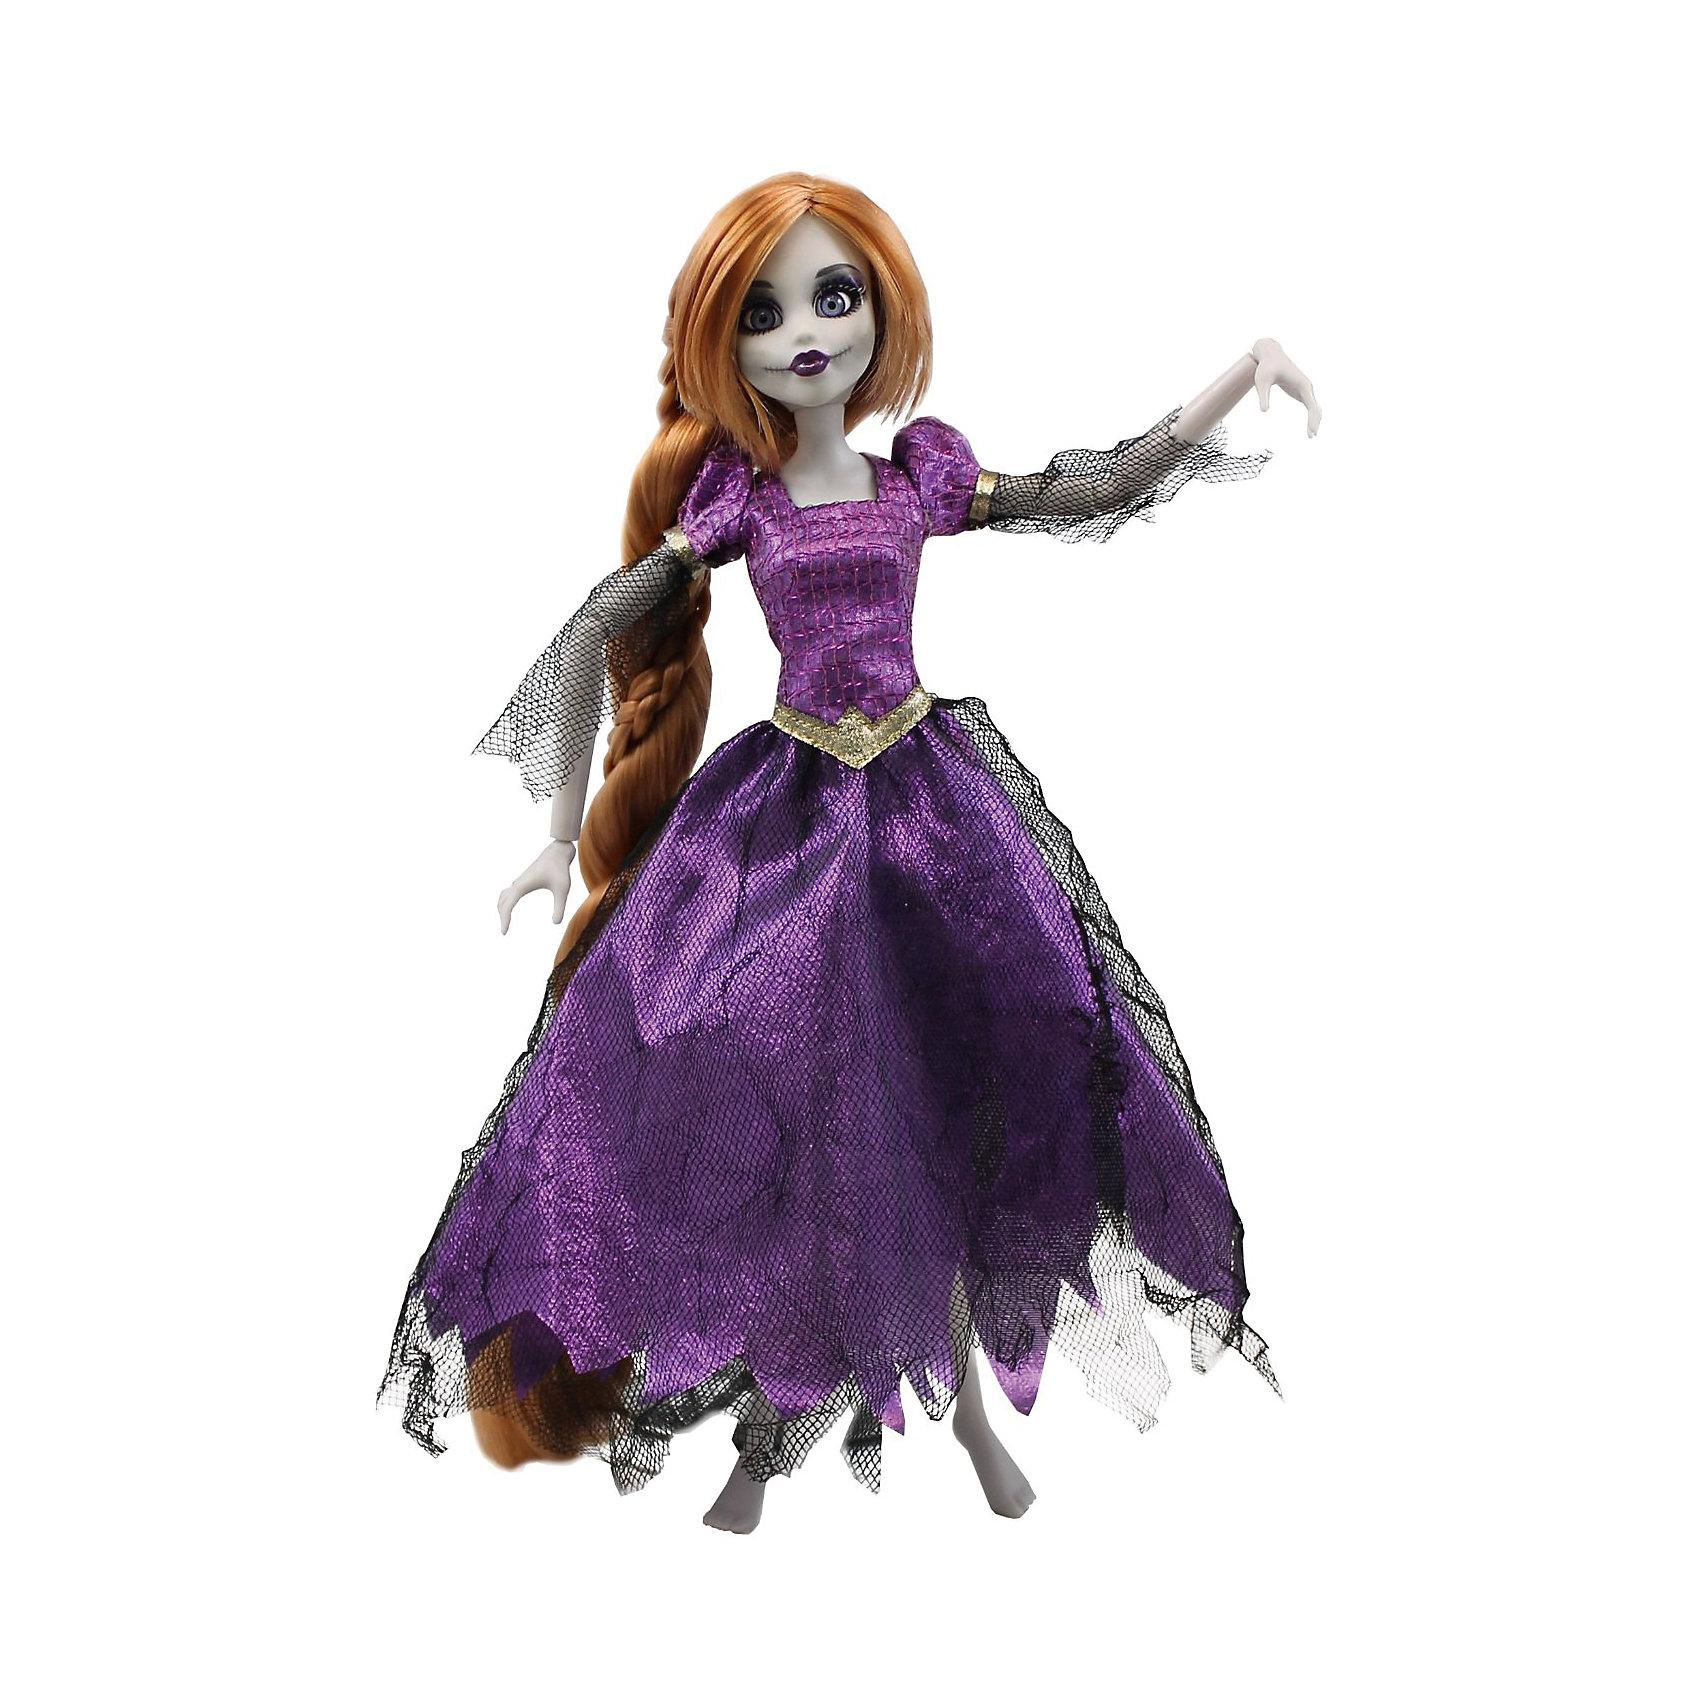 Кукла Зомби: Рапунцель, WowWeeБренды кукол<br>Кукла Зомби: Рапунцель от WowWee - это сказочный персонаж , превращенный в загадочную и холодную принцессу-зомби. Несмотря на превращение, принцесса не утратила своей красоты, даже наоборот, приобрела определенный потусторонний шарм и очарование. Невероятно длинные русые волосы куклы очень приятны наощупь, из них получится много оригинальных причесок. Рапунцель одета в прекрасное фиолетовое платье с приталенным лифом, пышной юбкой и подъюбником из сетки. Собери всю коллекцию принцесс-зомби и устрой незабываемый бал!<br><br>Дополнительная информация:<br><br>- Материал: пластик, текстиль.<br>- Высота куклы: 28 см.<br>- Комплектация: кукла, расческа, подставка.<br>- Руки, ноги, голова куклы подвижные.<br><br>Куклу Зомби: Рапунцель, WowWee, можно купить в нашем магазине.<br><br>Ширина мм: 150<br>Глубина мм: 70<br>Высота мм: 350<br>Вес г: 150<br>Возраст от месяцев: 72<br>Возраст до месяцев: 168<br>Пол: Женский<br>Возраст: Детский<br>SKU: 4134076